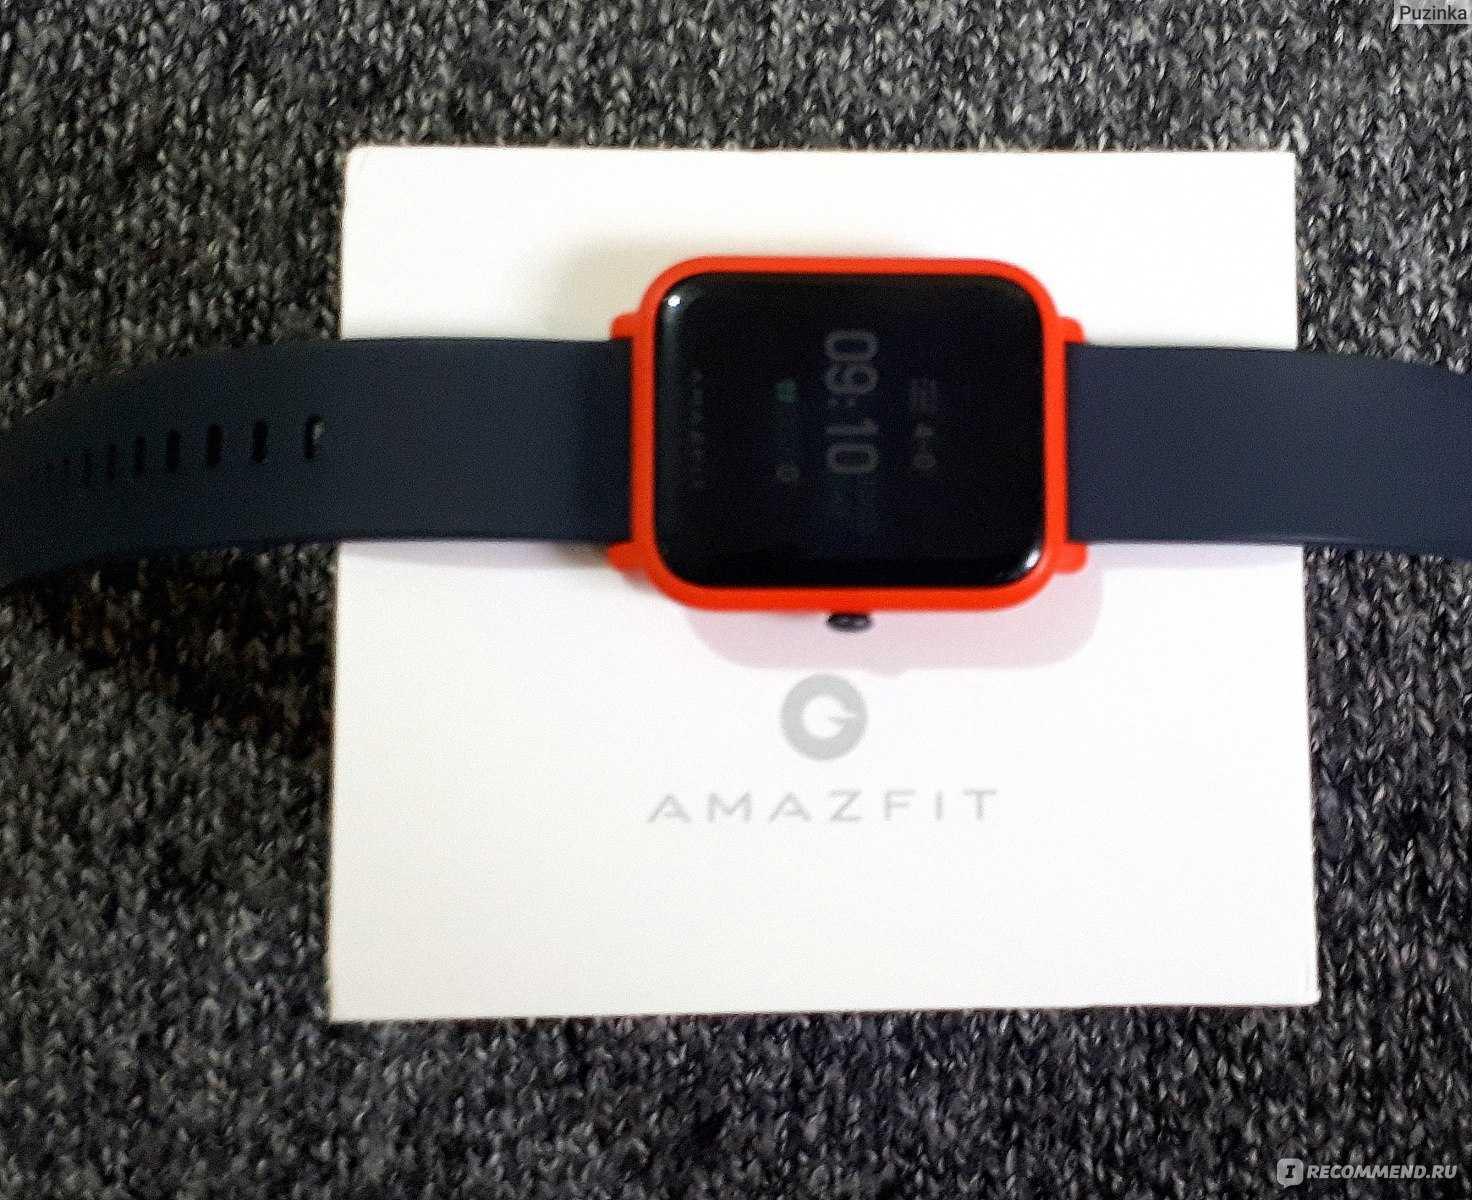 Будущие smart watches 2020-2021 | про умные часы и браслеты